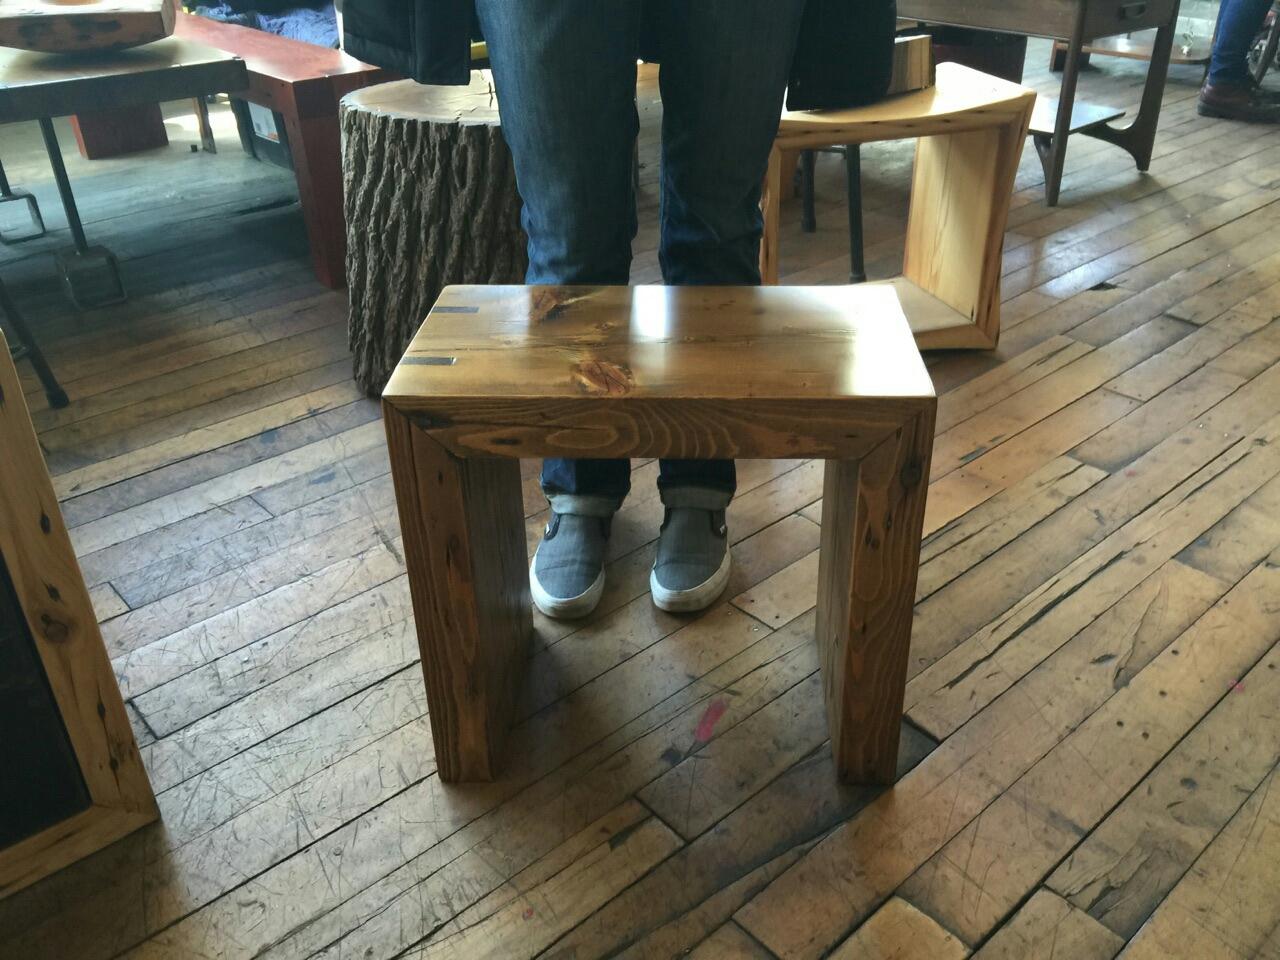 18 x 10 x 18 stained White Pine bench with Walnut splines.